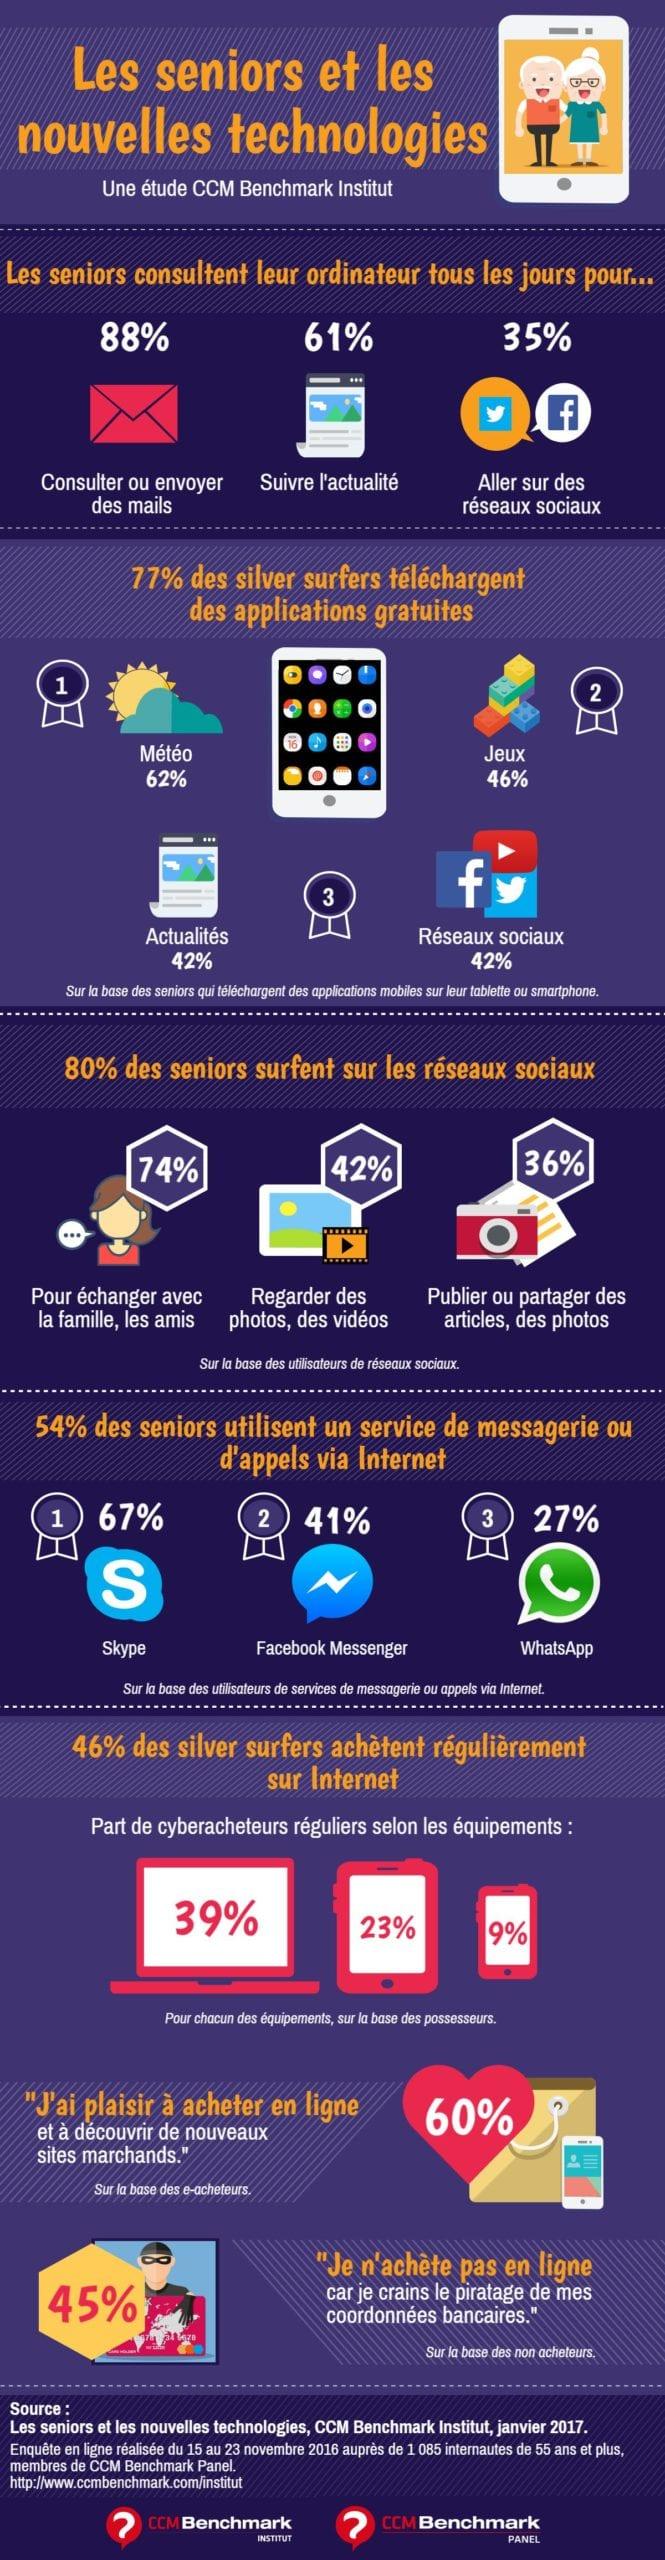 Infographie Les Seniors et les Nouvelles Technologies